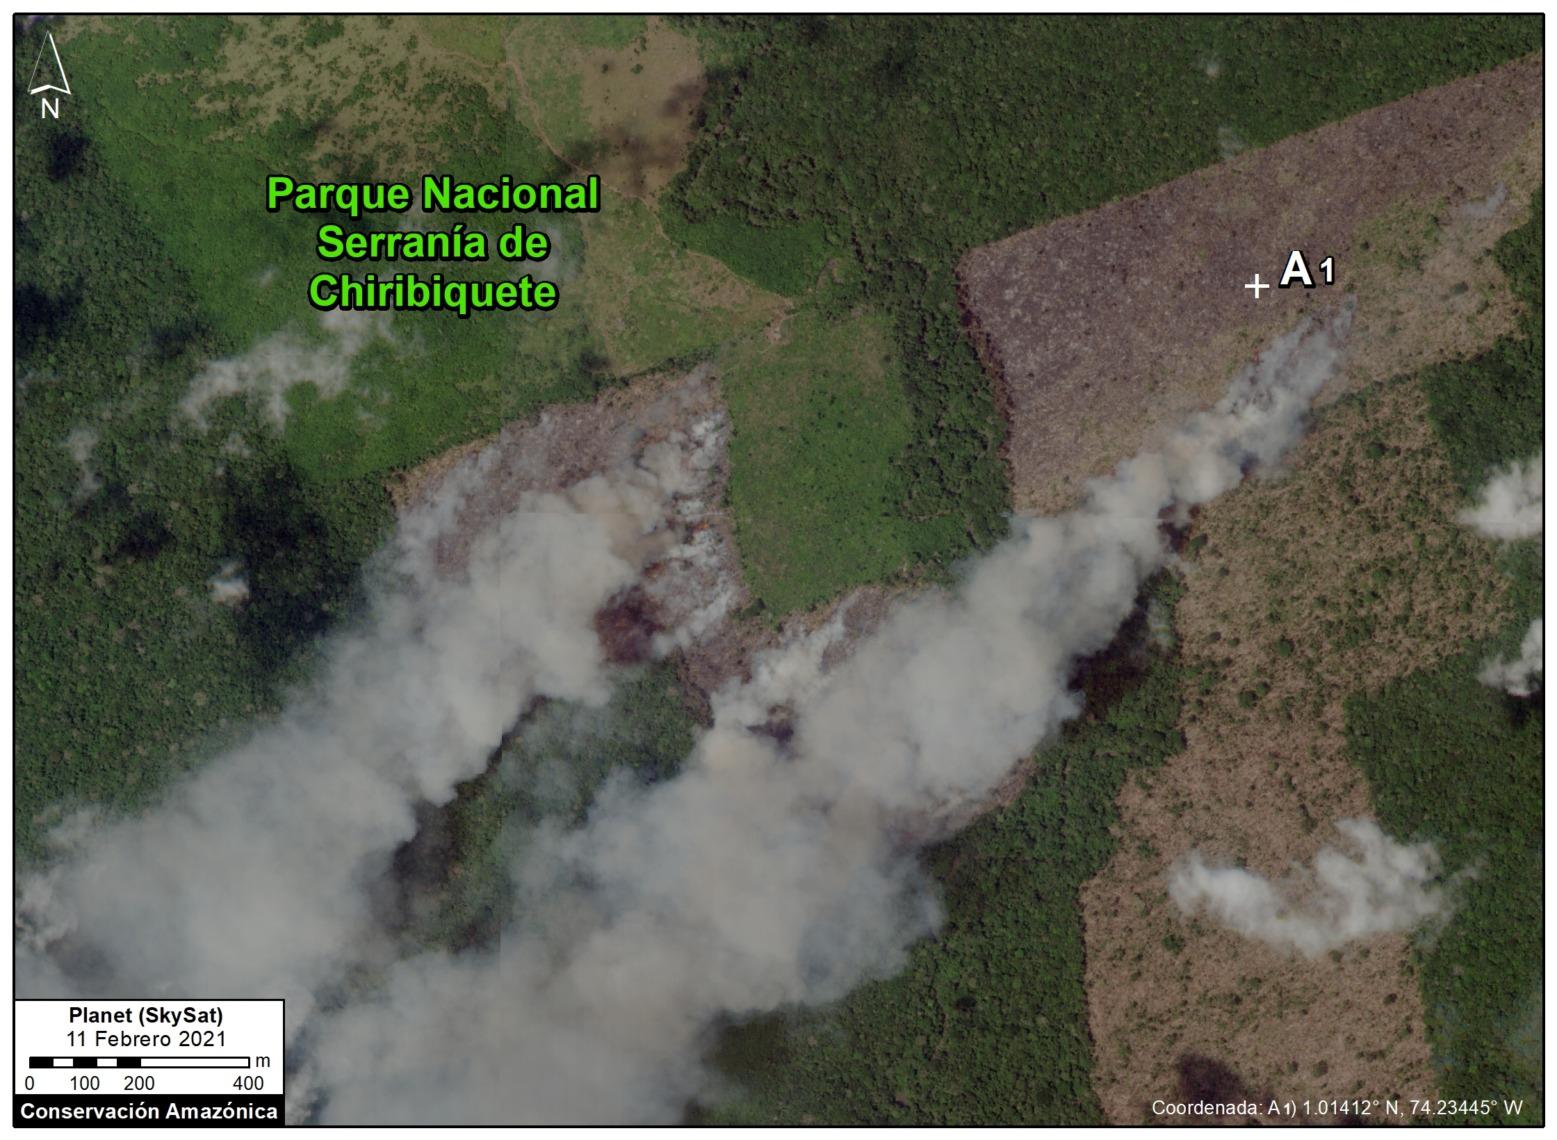 Incendio al interior del Parque Nacional Chiribuete (11 Febrero 2021) quemando áreas recientemente deforestadas. Datos: Planet (Skysat).